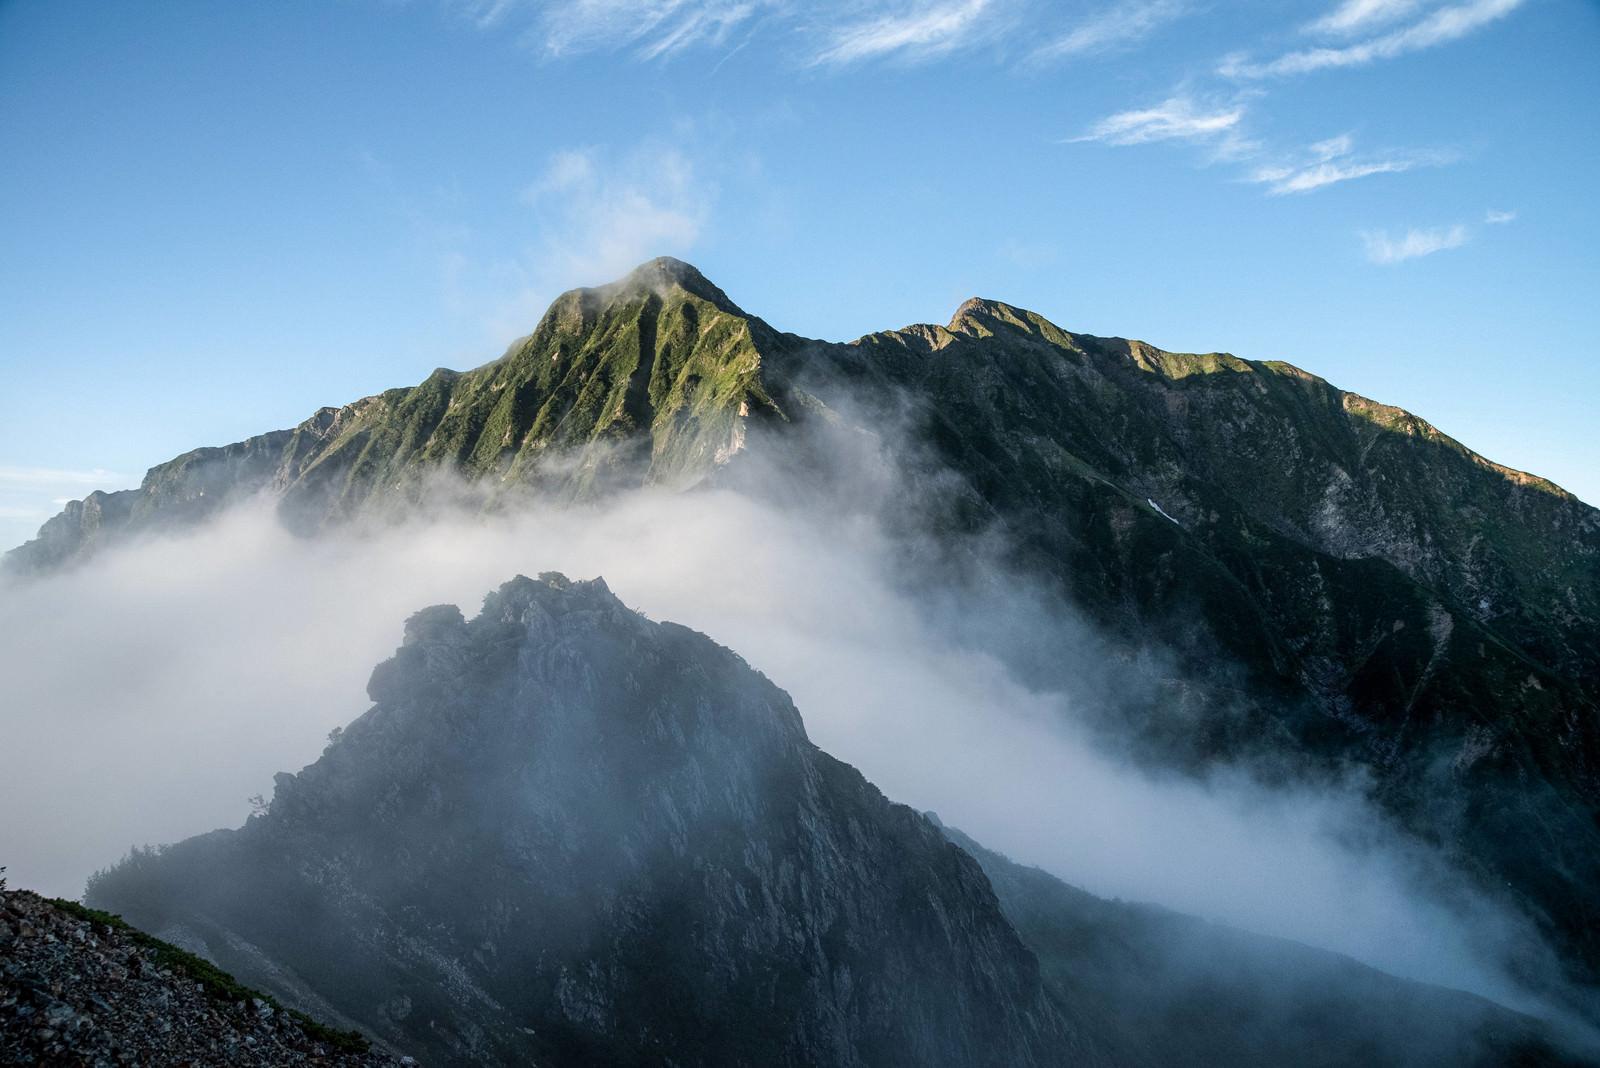 「雲に隠れた岩稜と聳える稜線」の写真